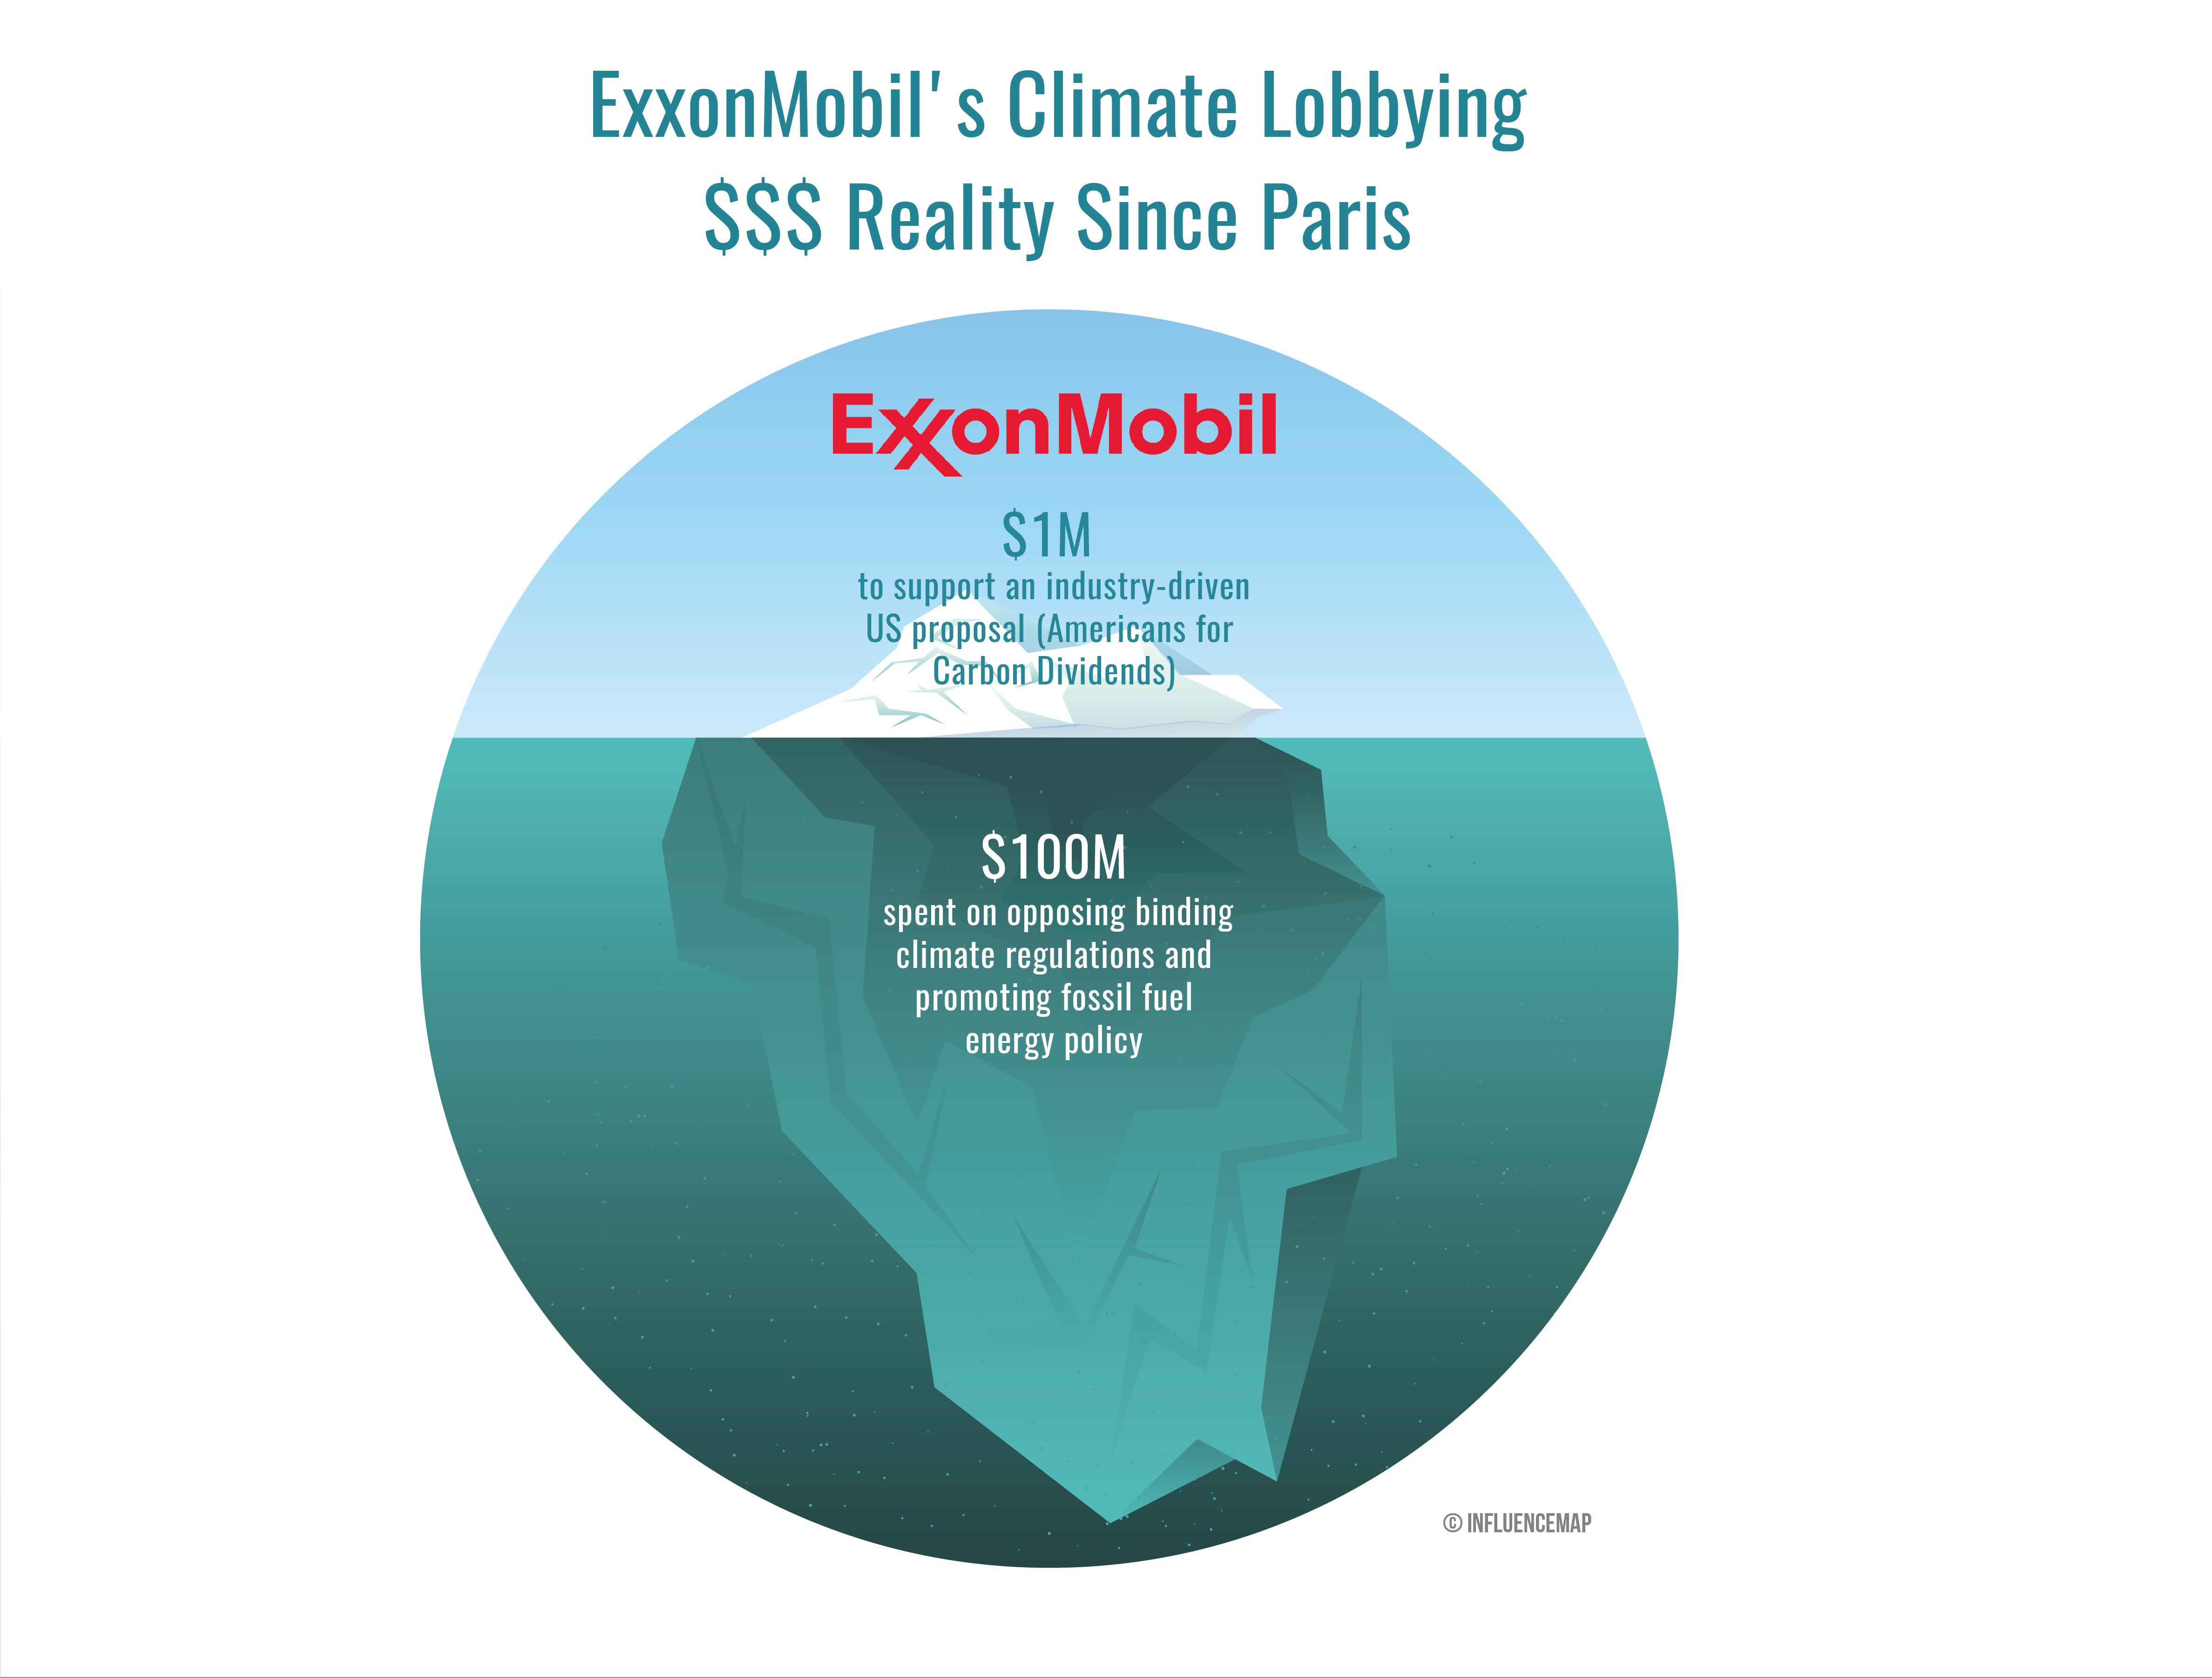 Nafta i klima: ako lažu kompanije, ne lažu brojevi